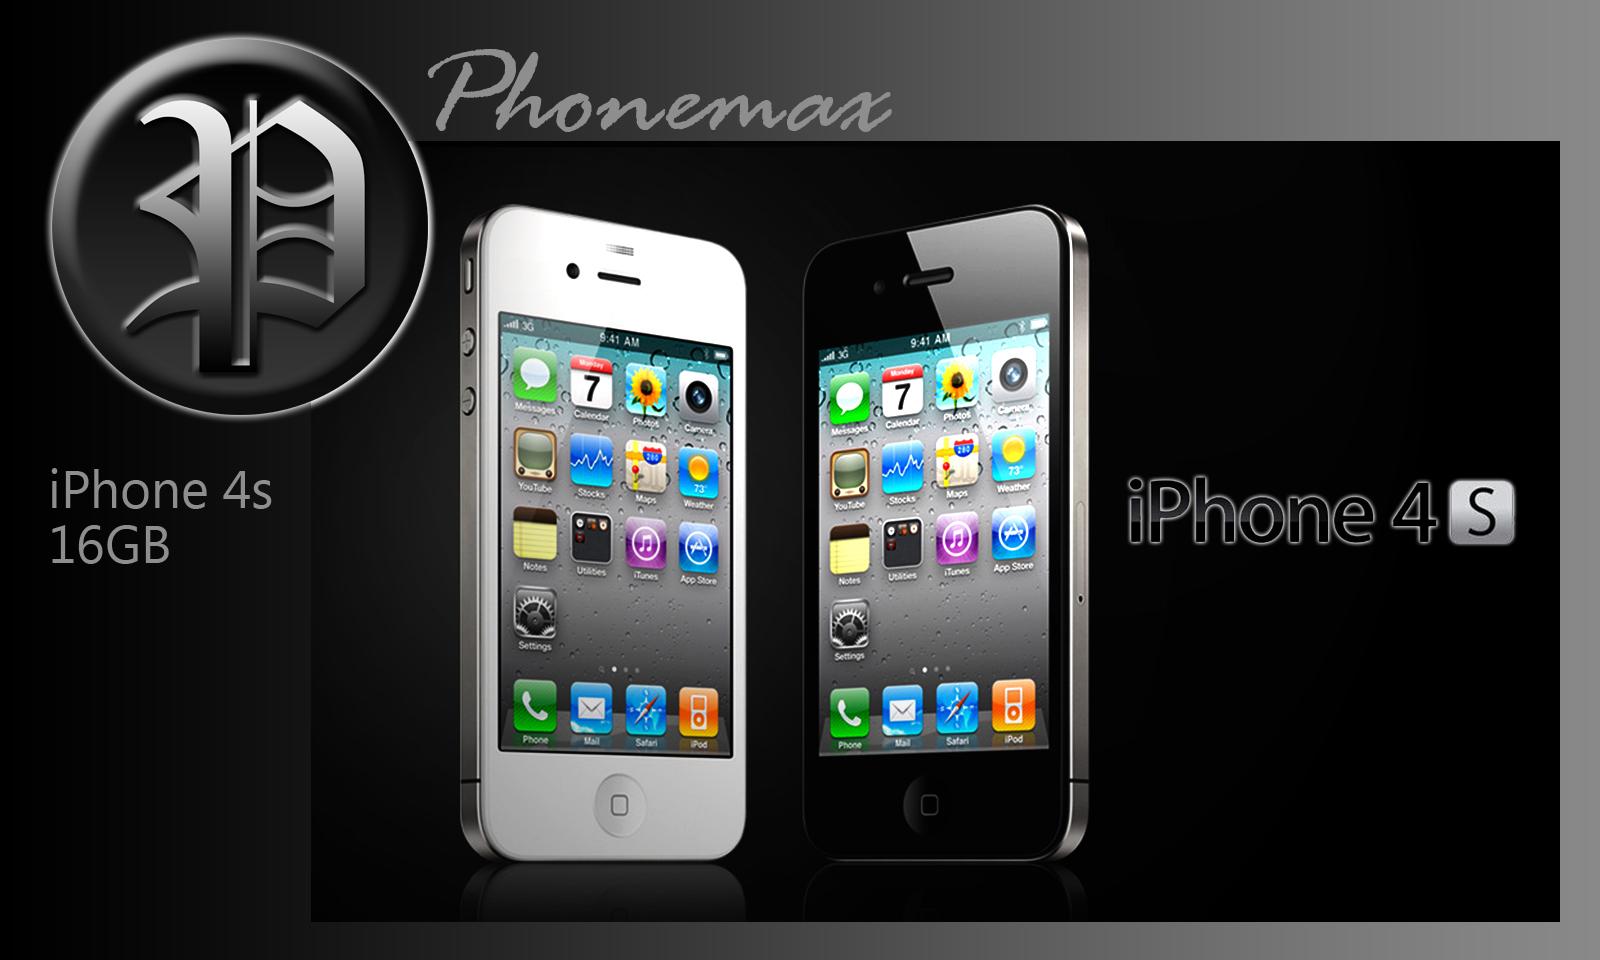 http://1.bp.blogspot.com/-WLR91BkVzNY/T-G0d98K8NI/AAAAAAAAAJs/5X8_J7NCma8/s1600/apple%2Biphone%2B4s.jpg